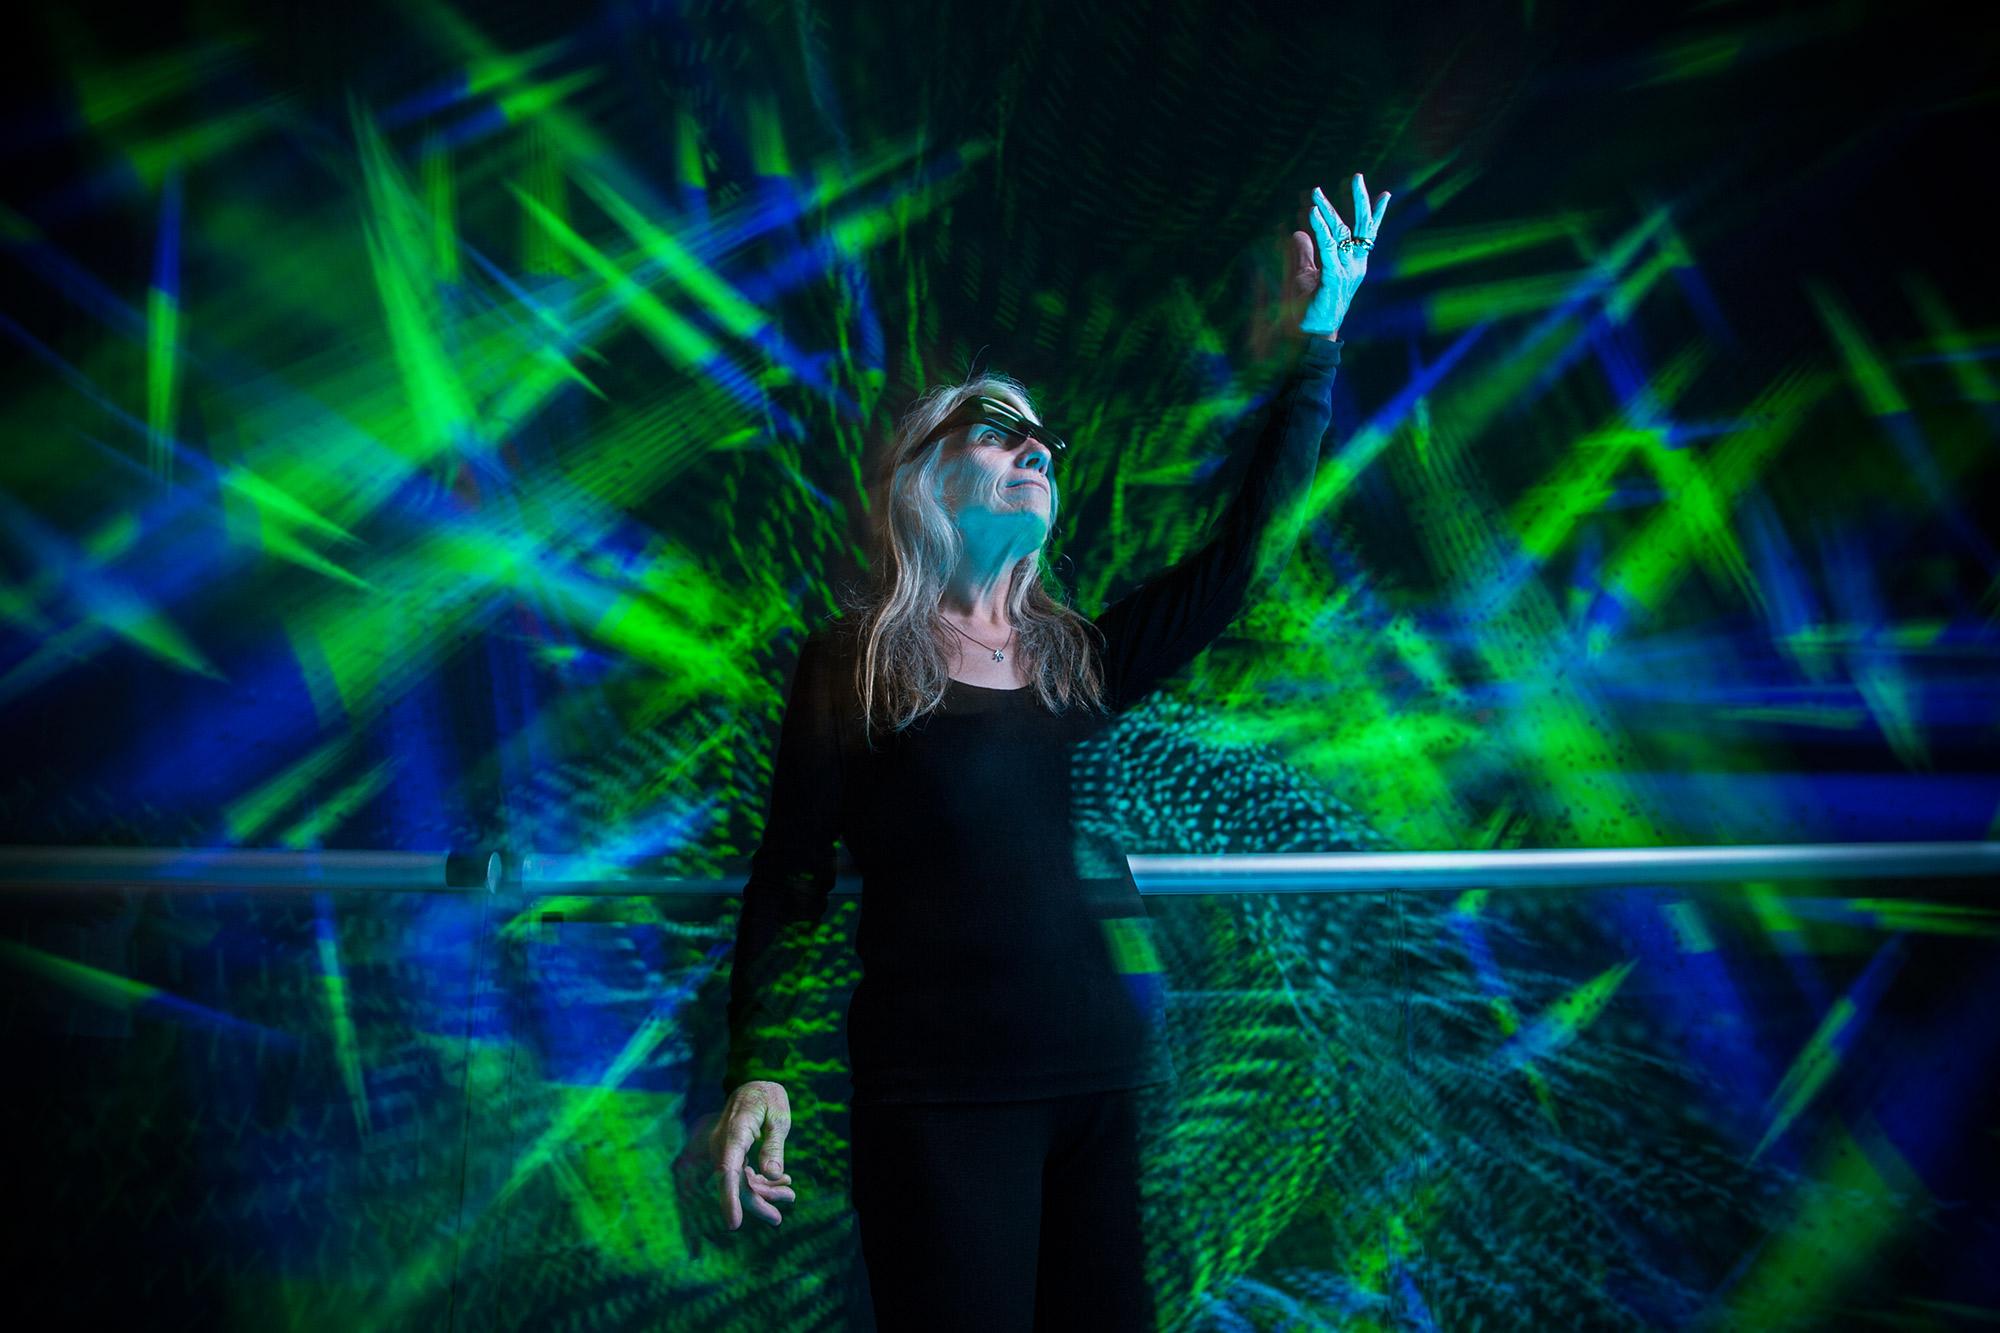 JoAnn Kuchera Morin in the Allosphere - UC Santa Barbara